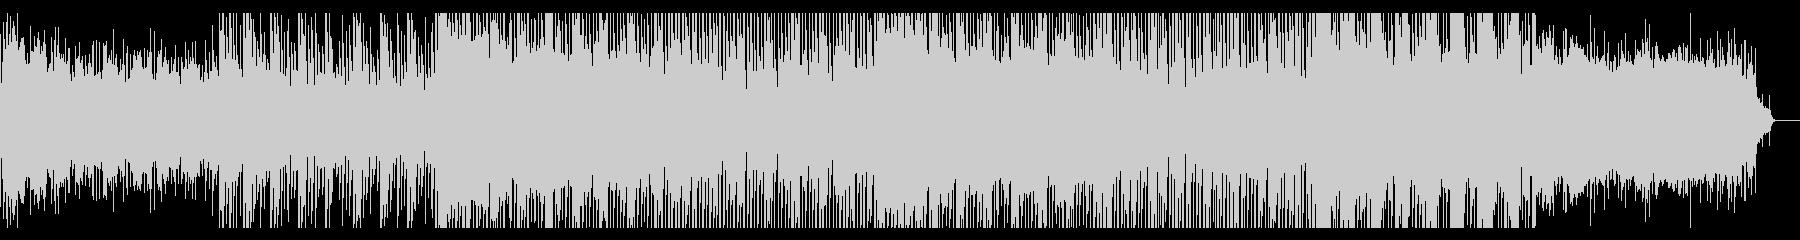 デジタルシネマティックなIDMの未再生の波形